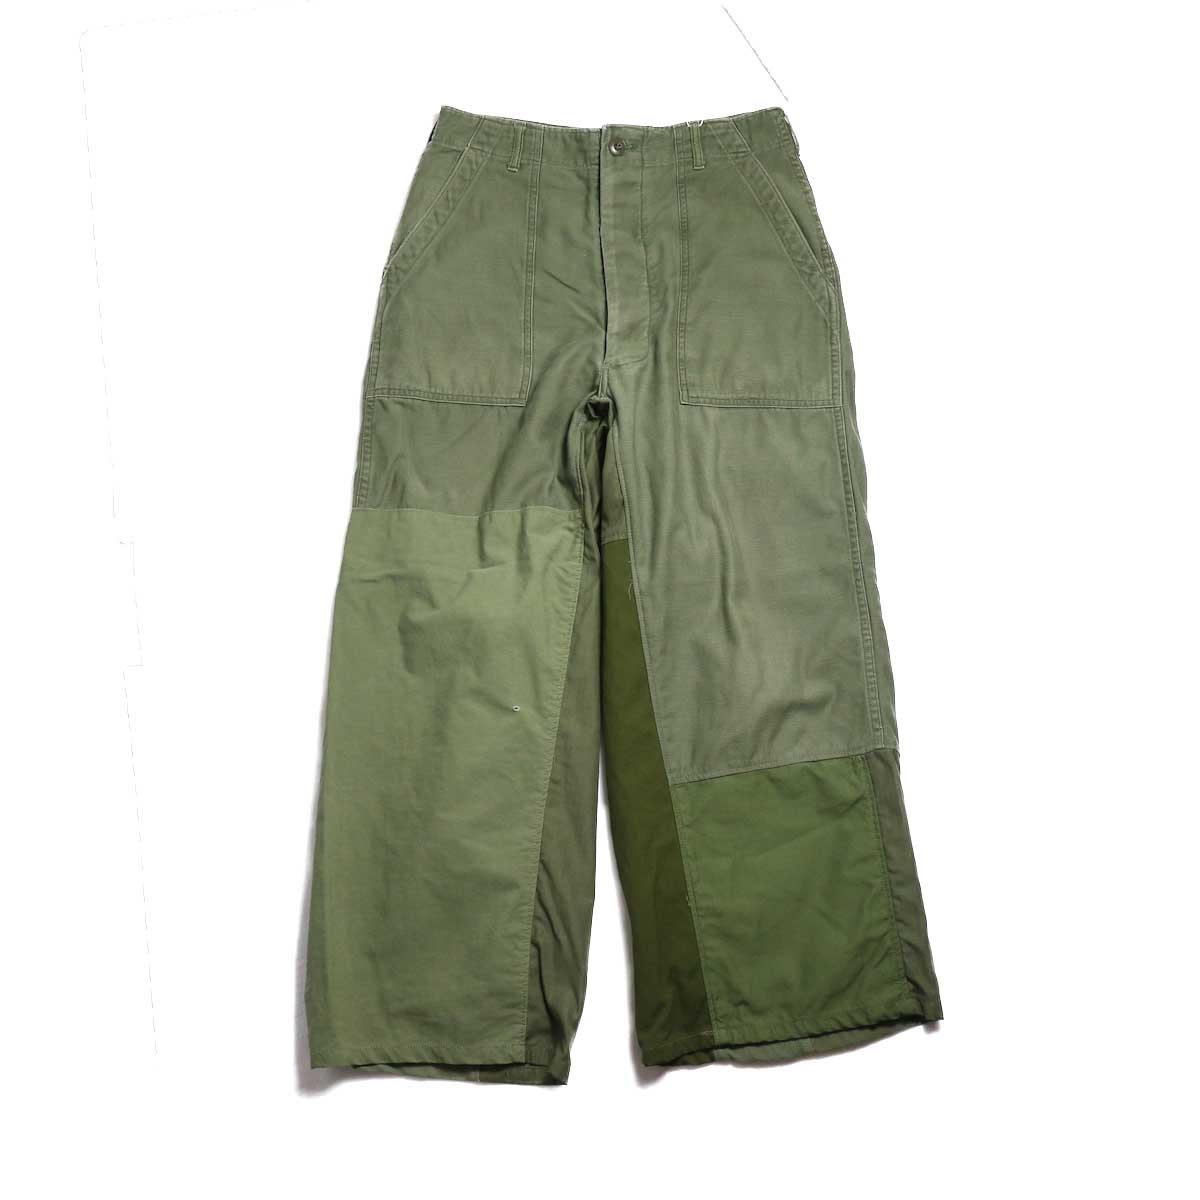 BONUM / Military FAT Pants (Btype)